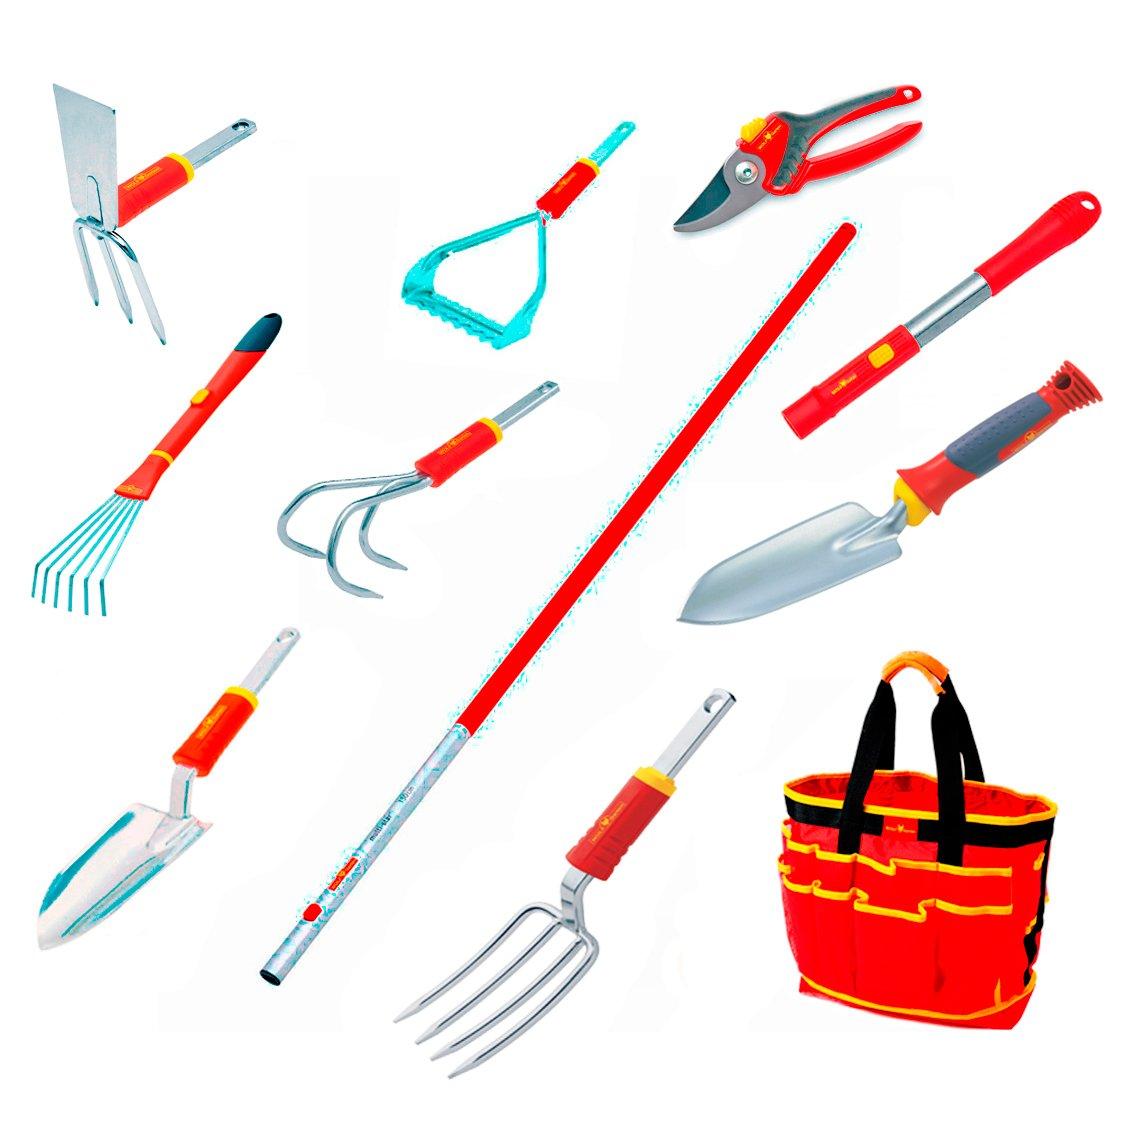 WOLF-Garten Flower Garden Tool Kit - 12 piece tool set - KIT3733790